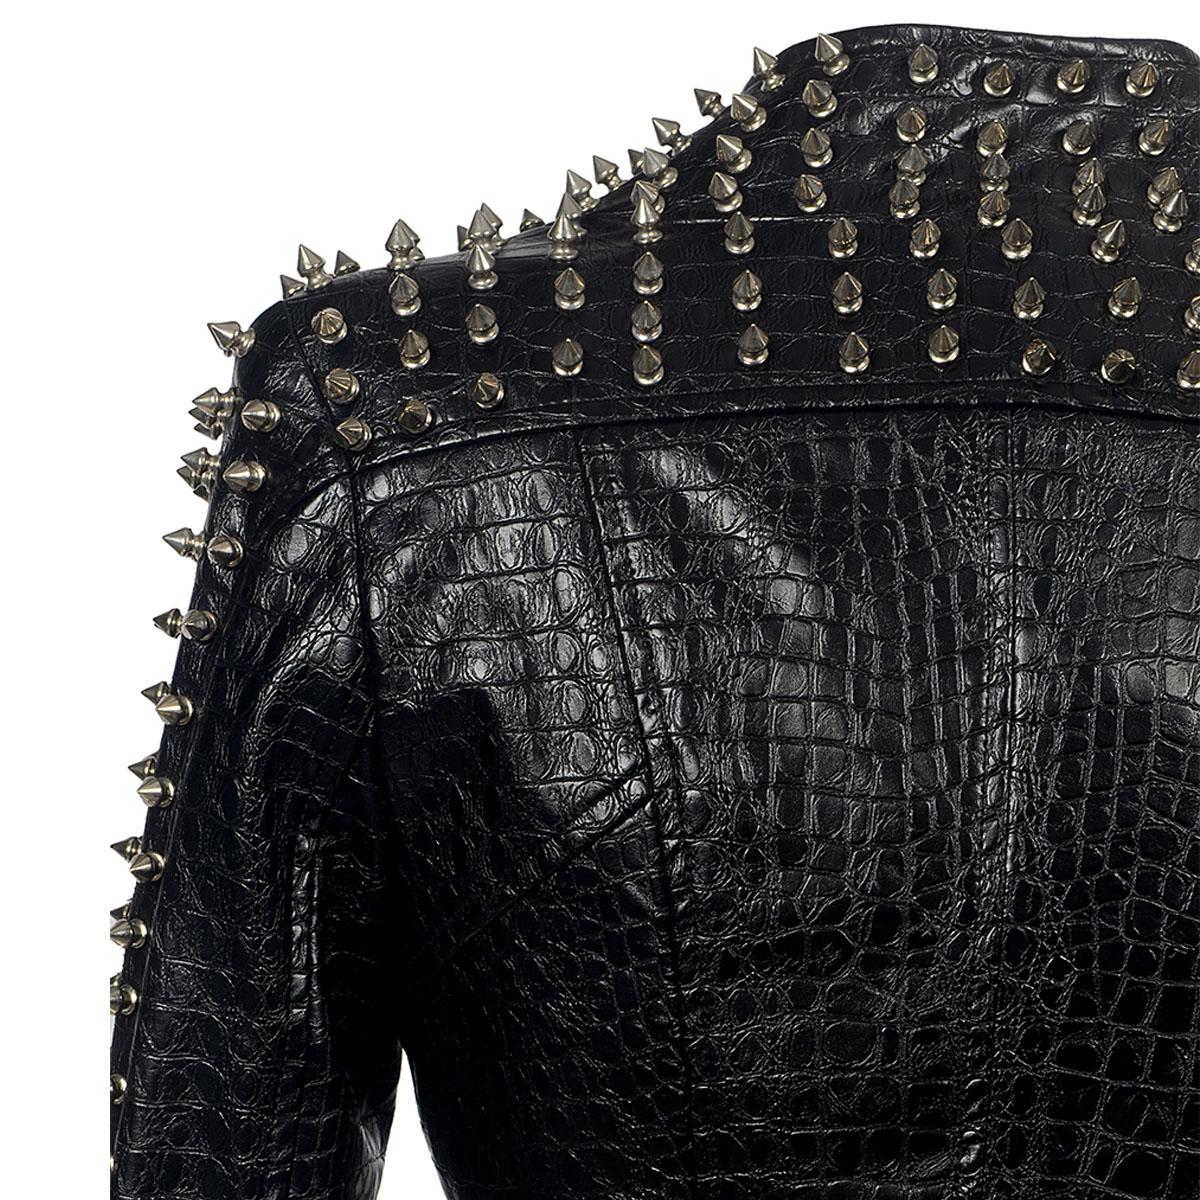 Outono quente grosso longo casaco de couro preto mulheres nova reversão delgados blusão de couro PU Parka chamariz a Mujahir WZ791 - 6